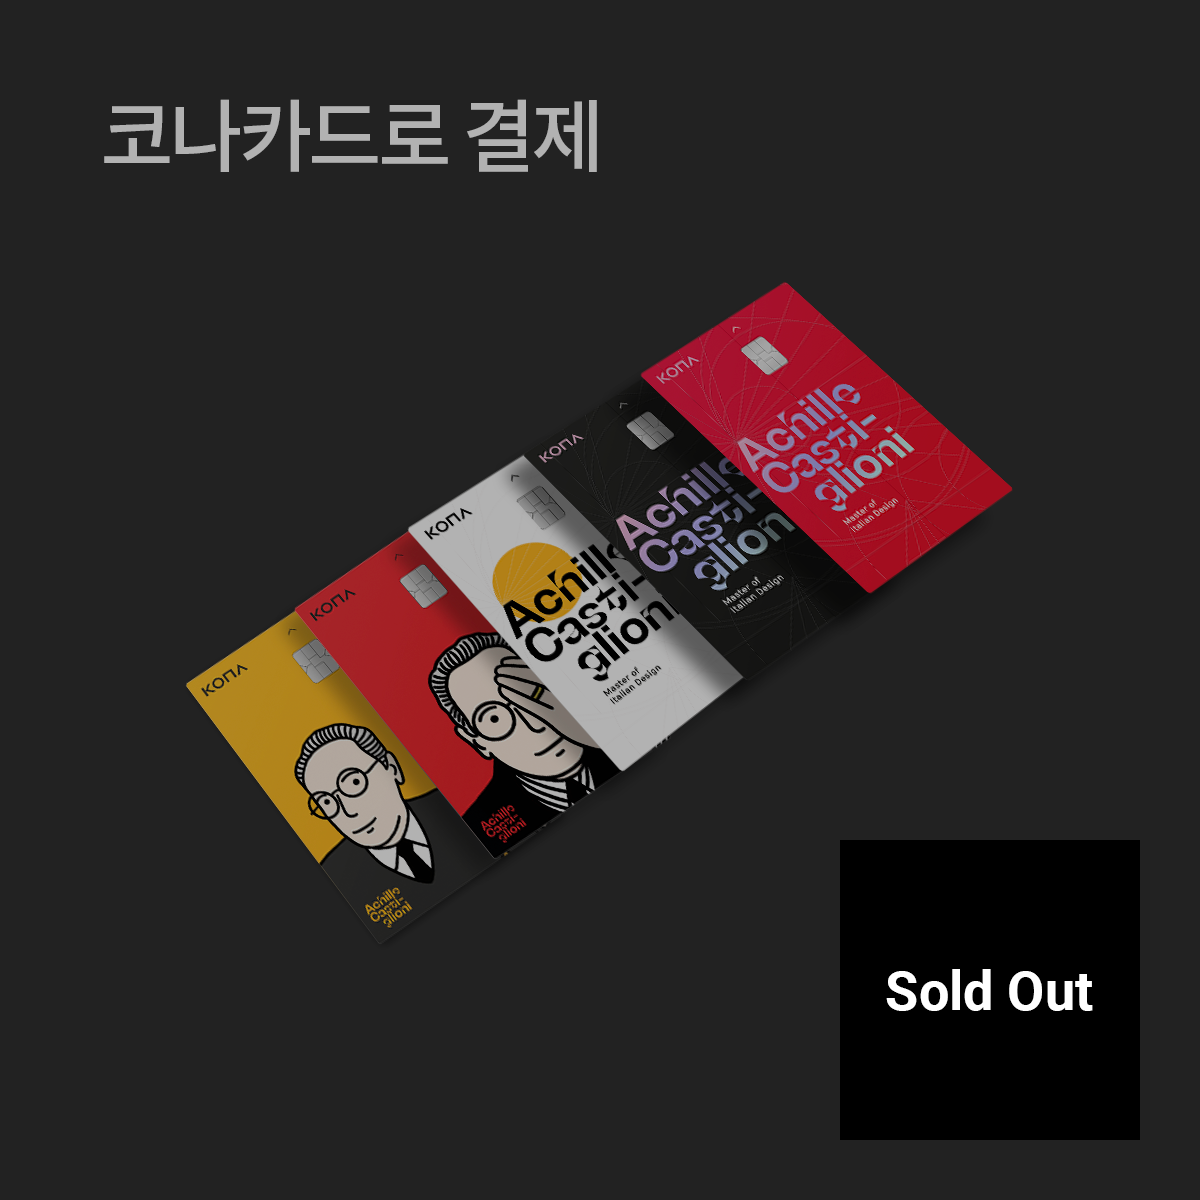 [카스틸리오니전시] 카드형 입장권 - 코나카드결제